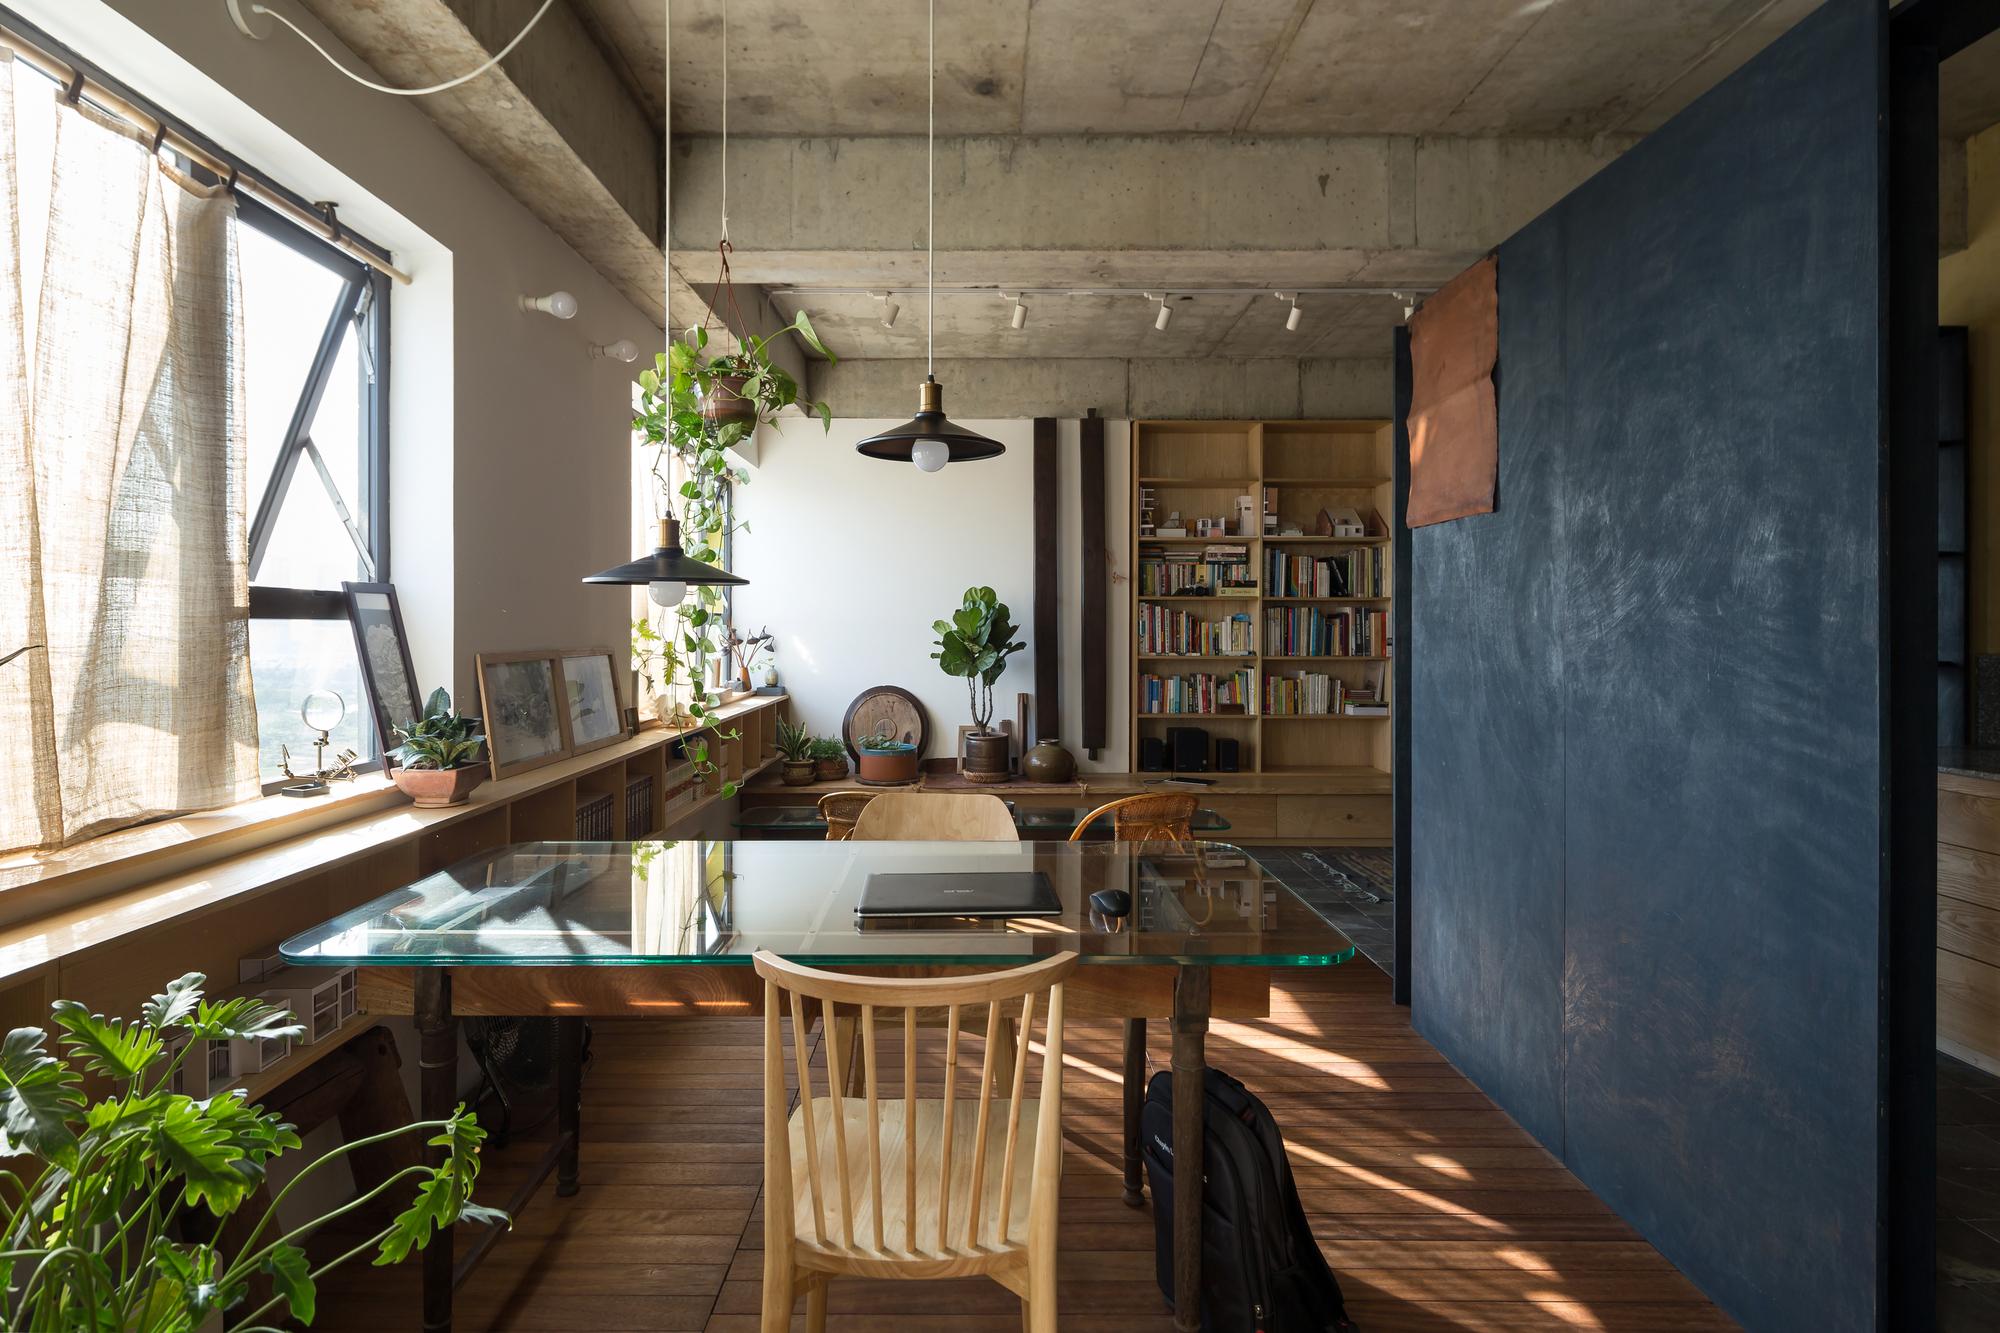 1110 apartment / atelier12